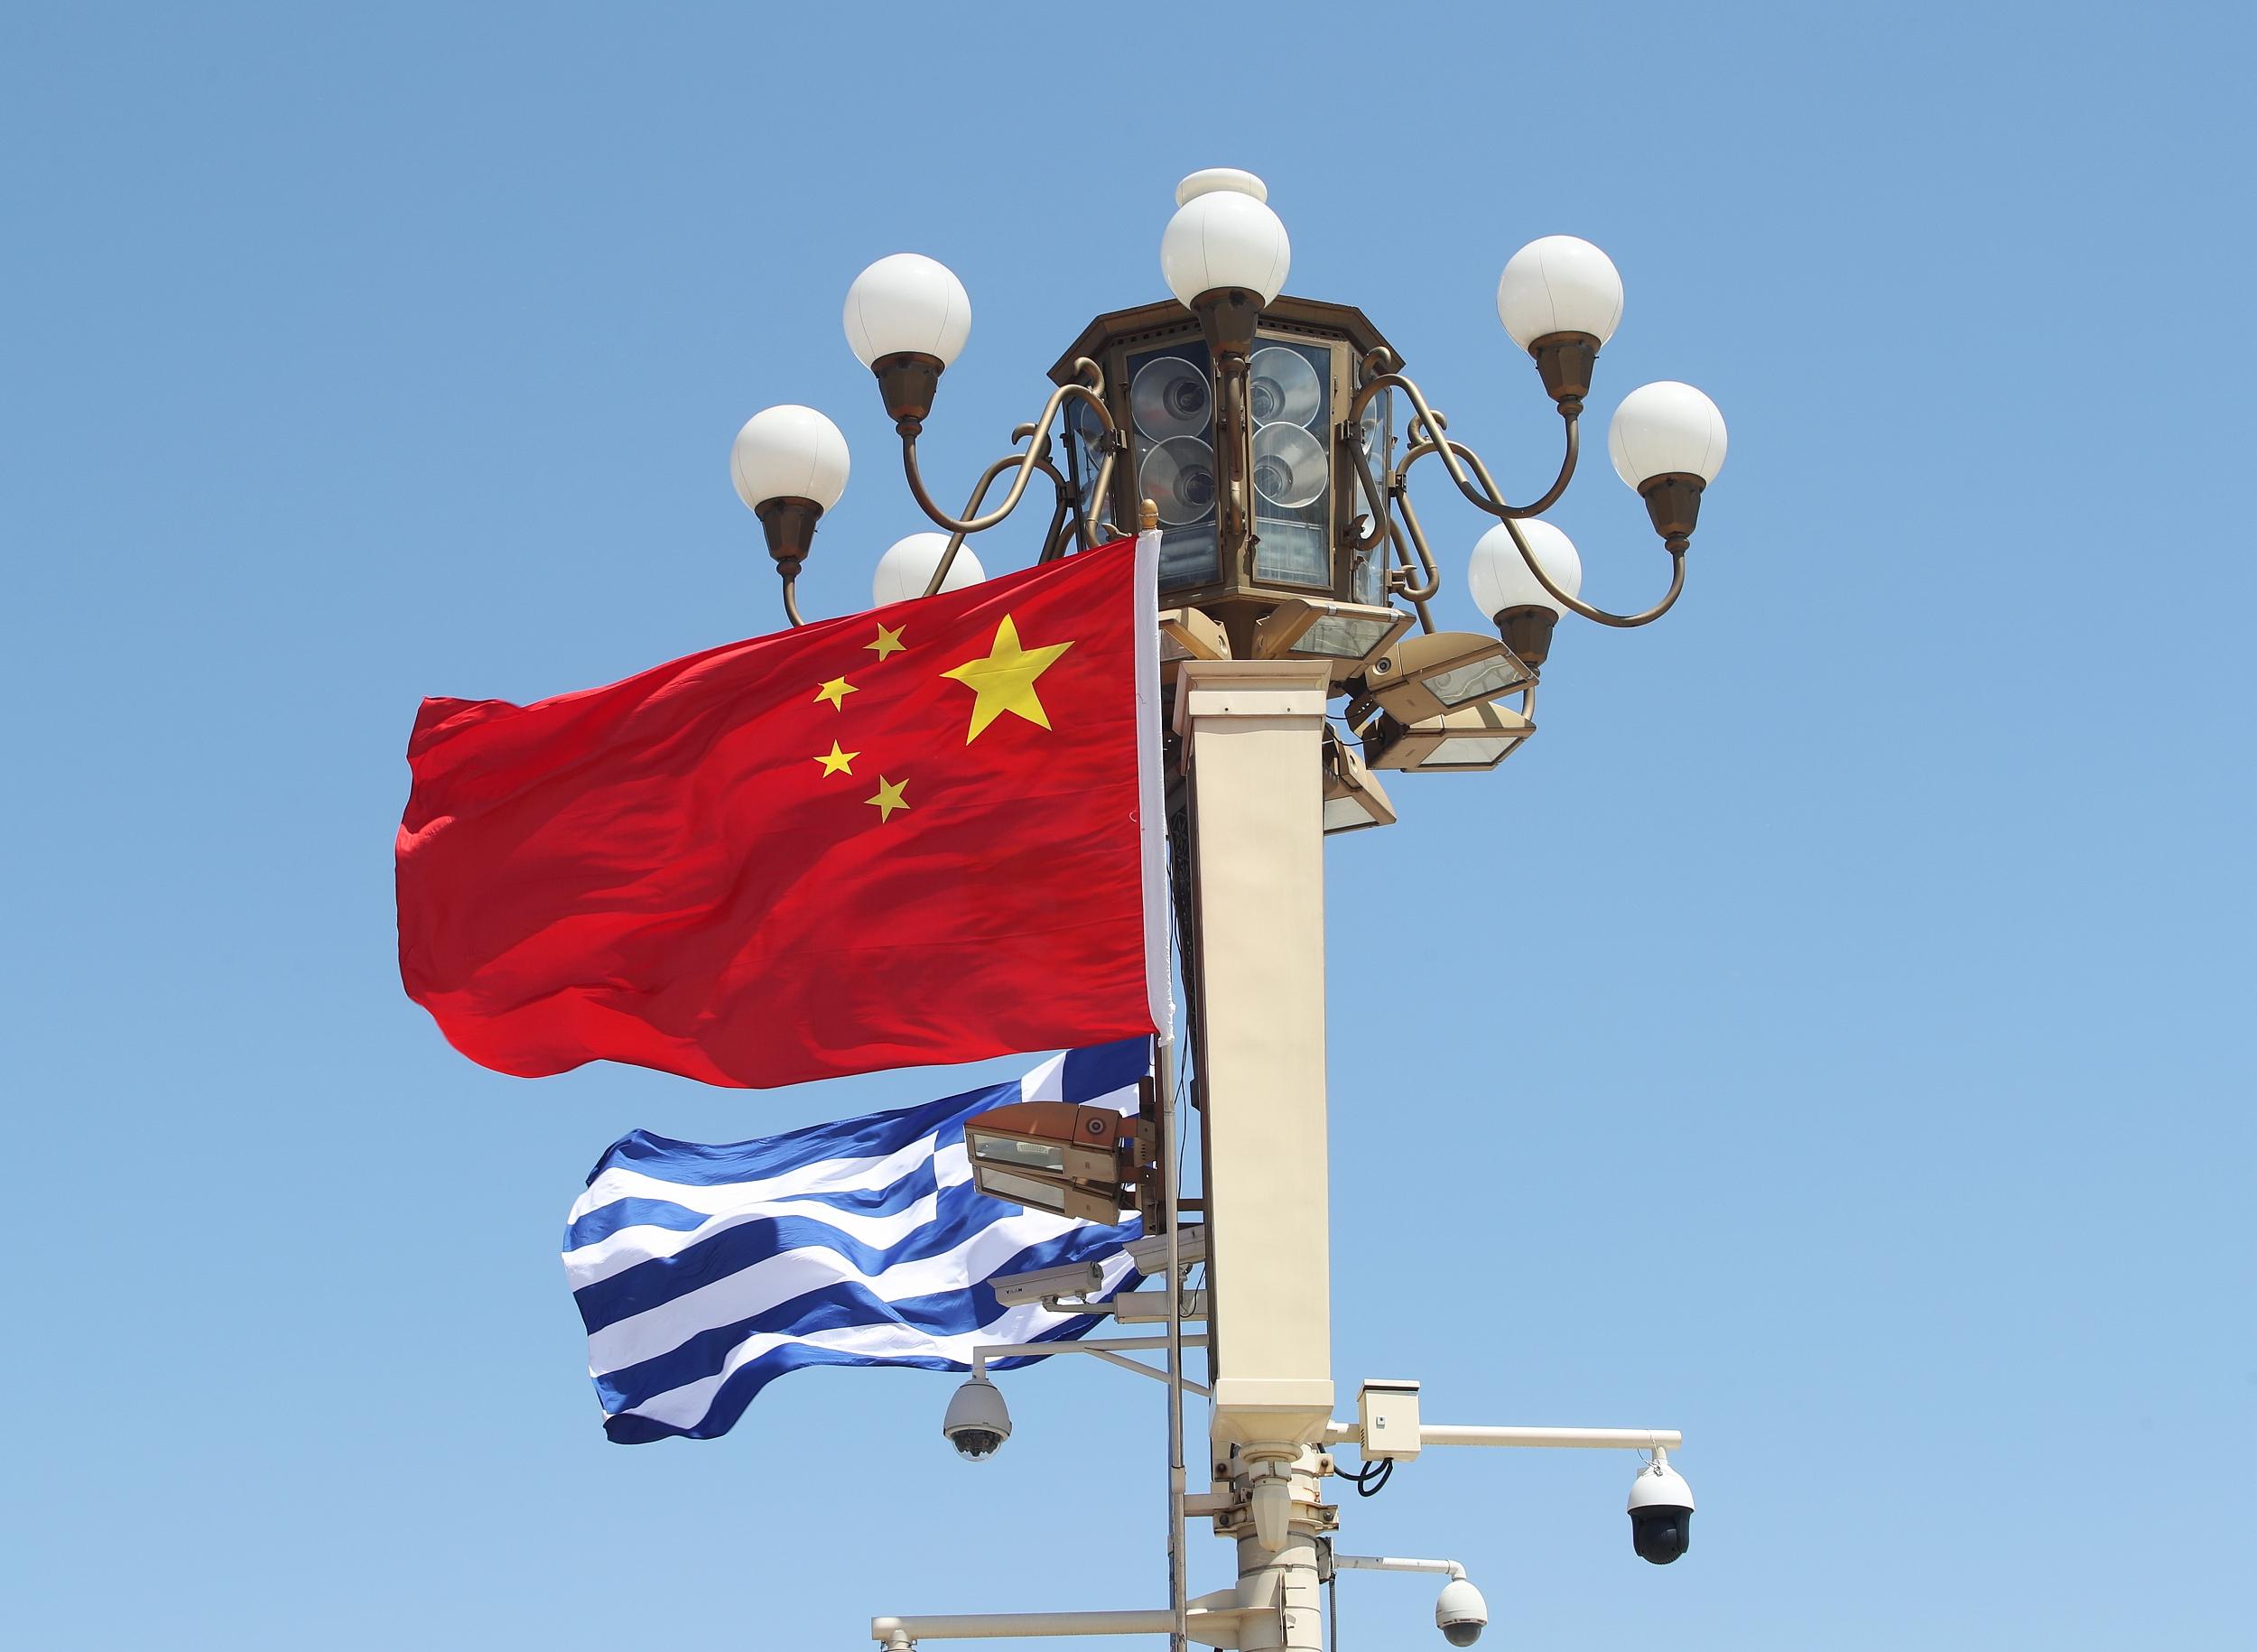 Xi to visit Greece, attend BRICS summit in Brazil